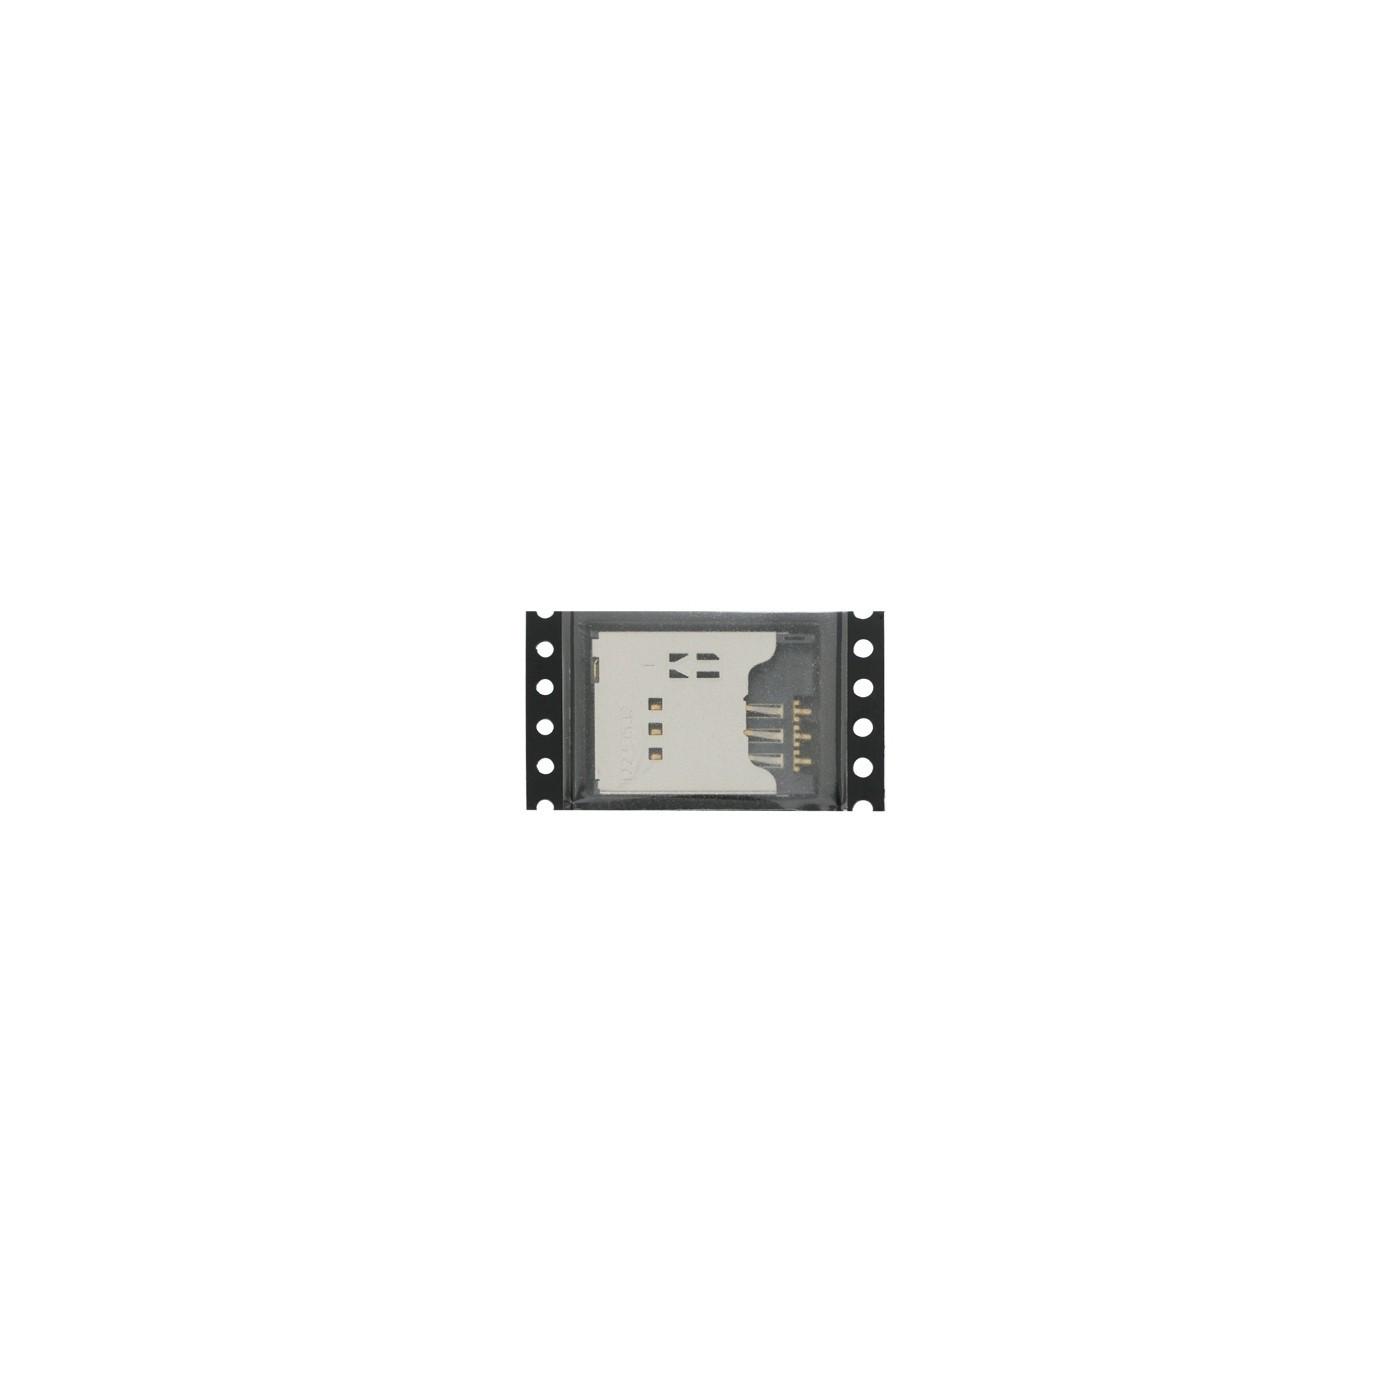 Lettore scheda sim card slot per Sony Xperia Ray ST18i contatti